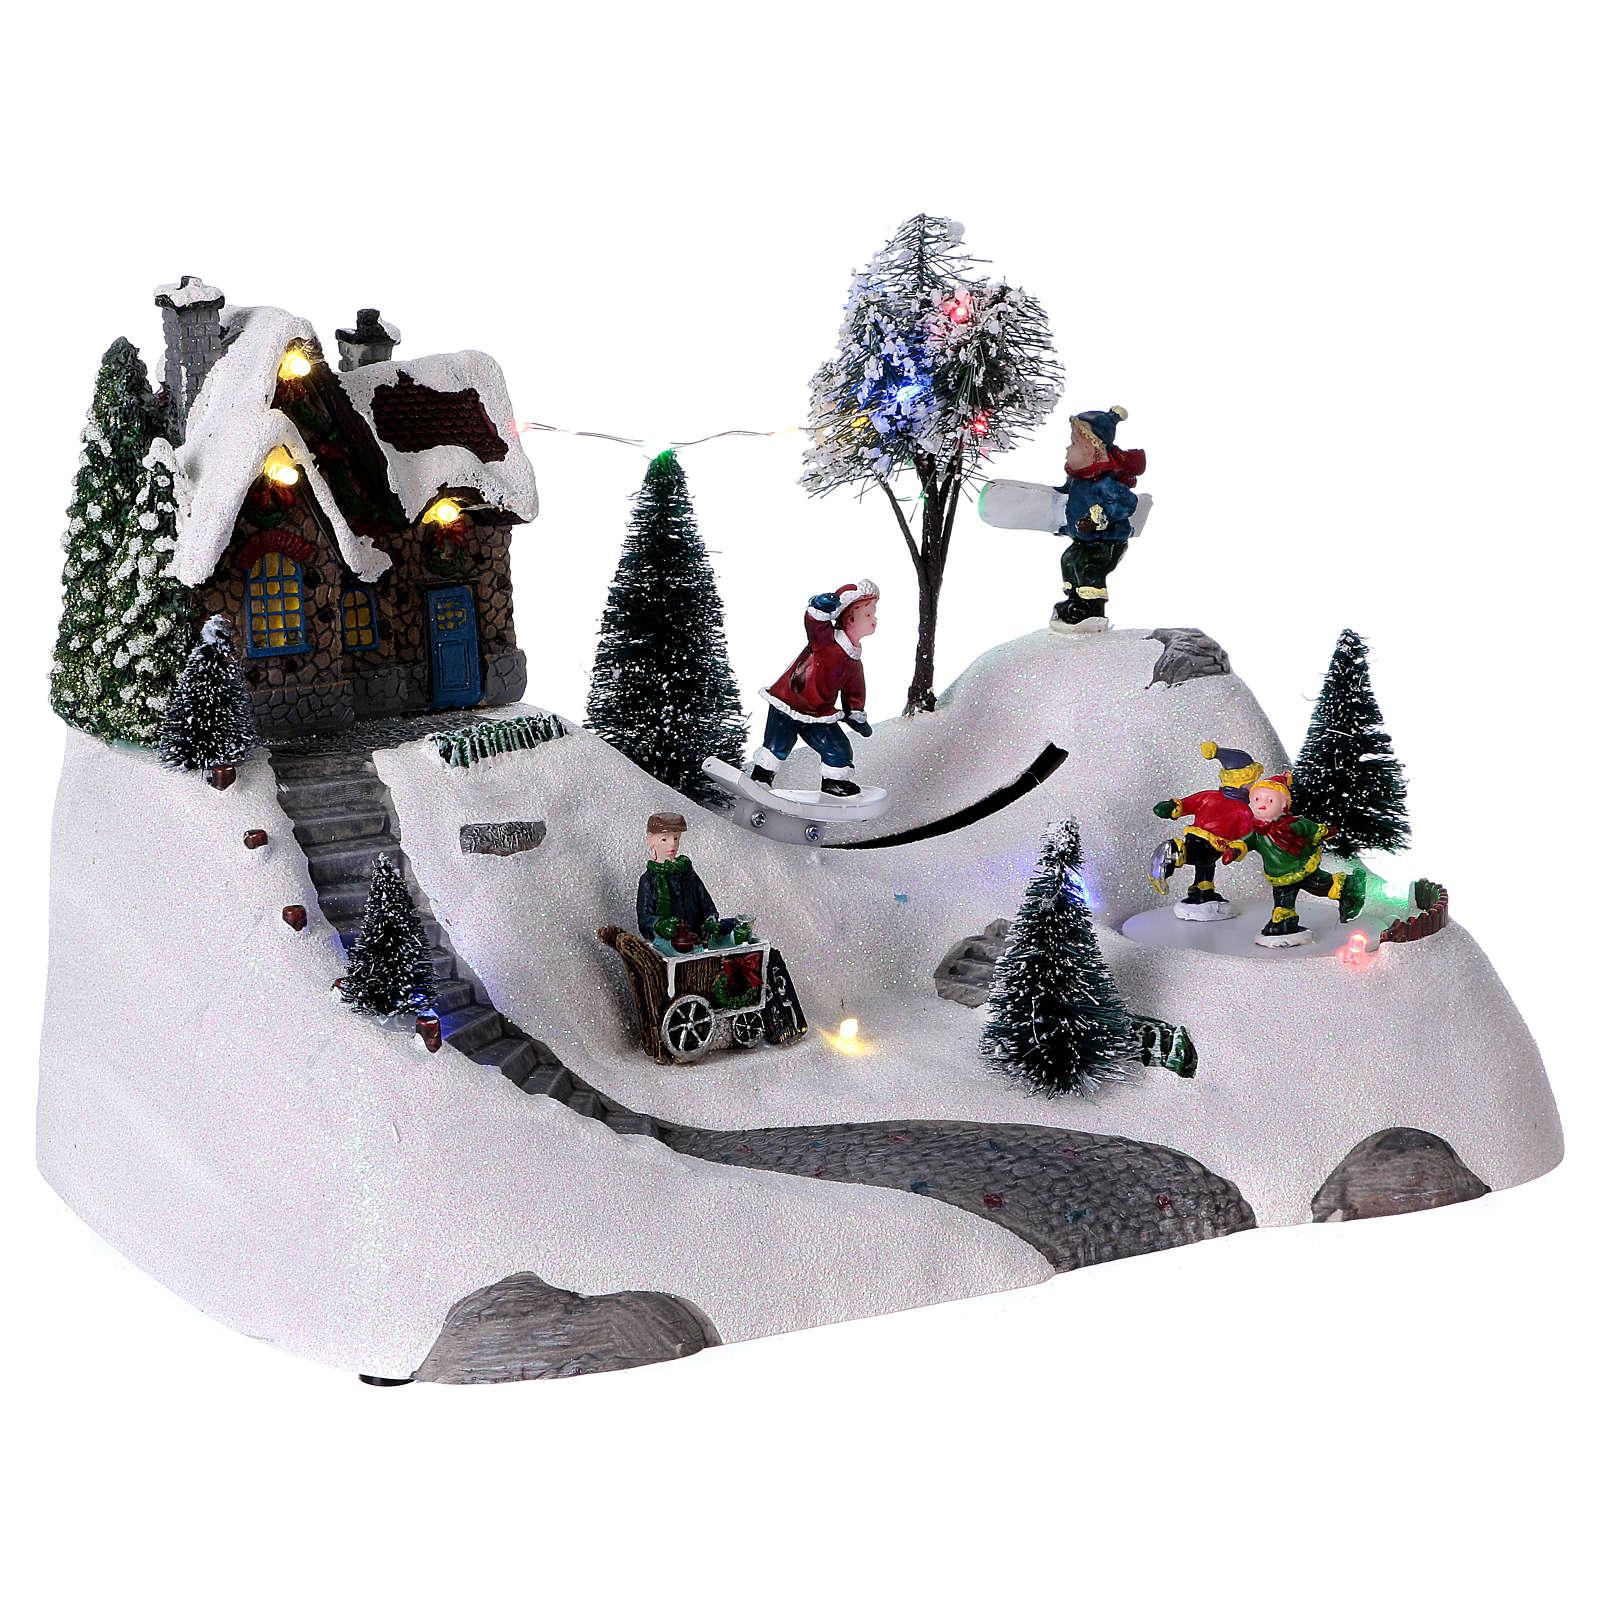 Scenka bożonarodzeniowa z melodyjką ruchomym torem skejta i lodowiskiem 20x30x15 cm 3